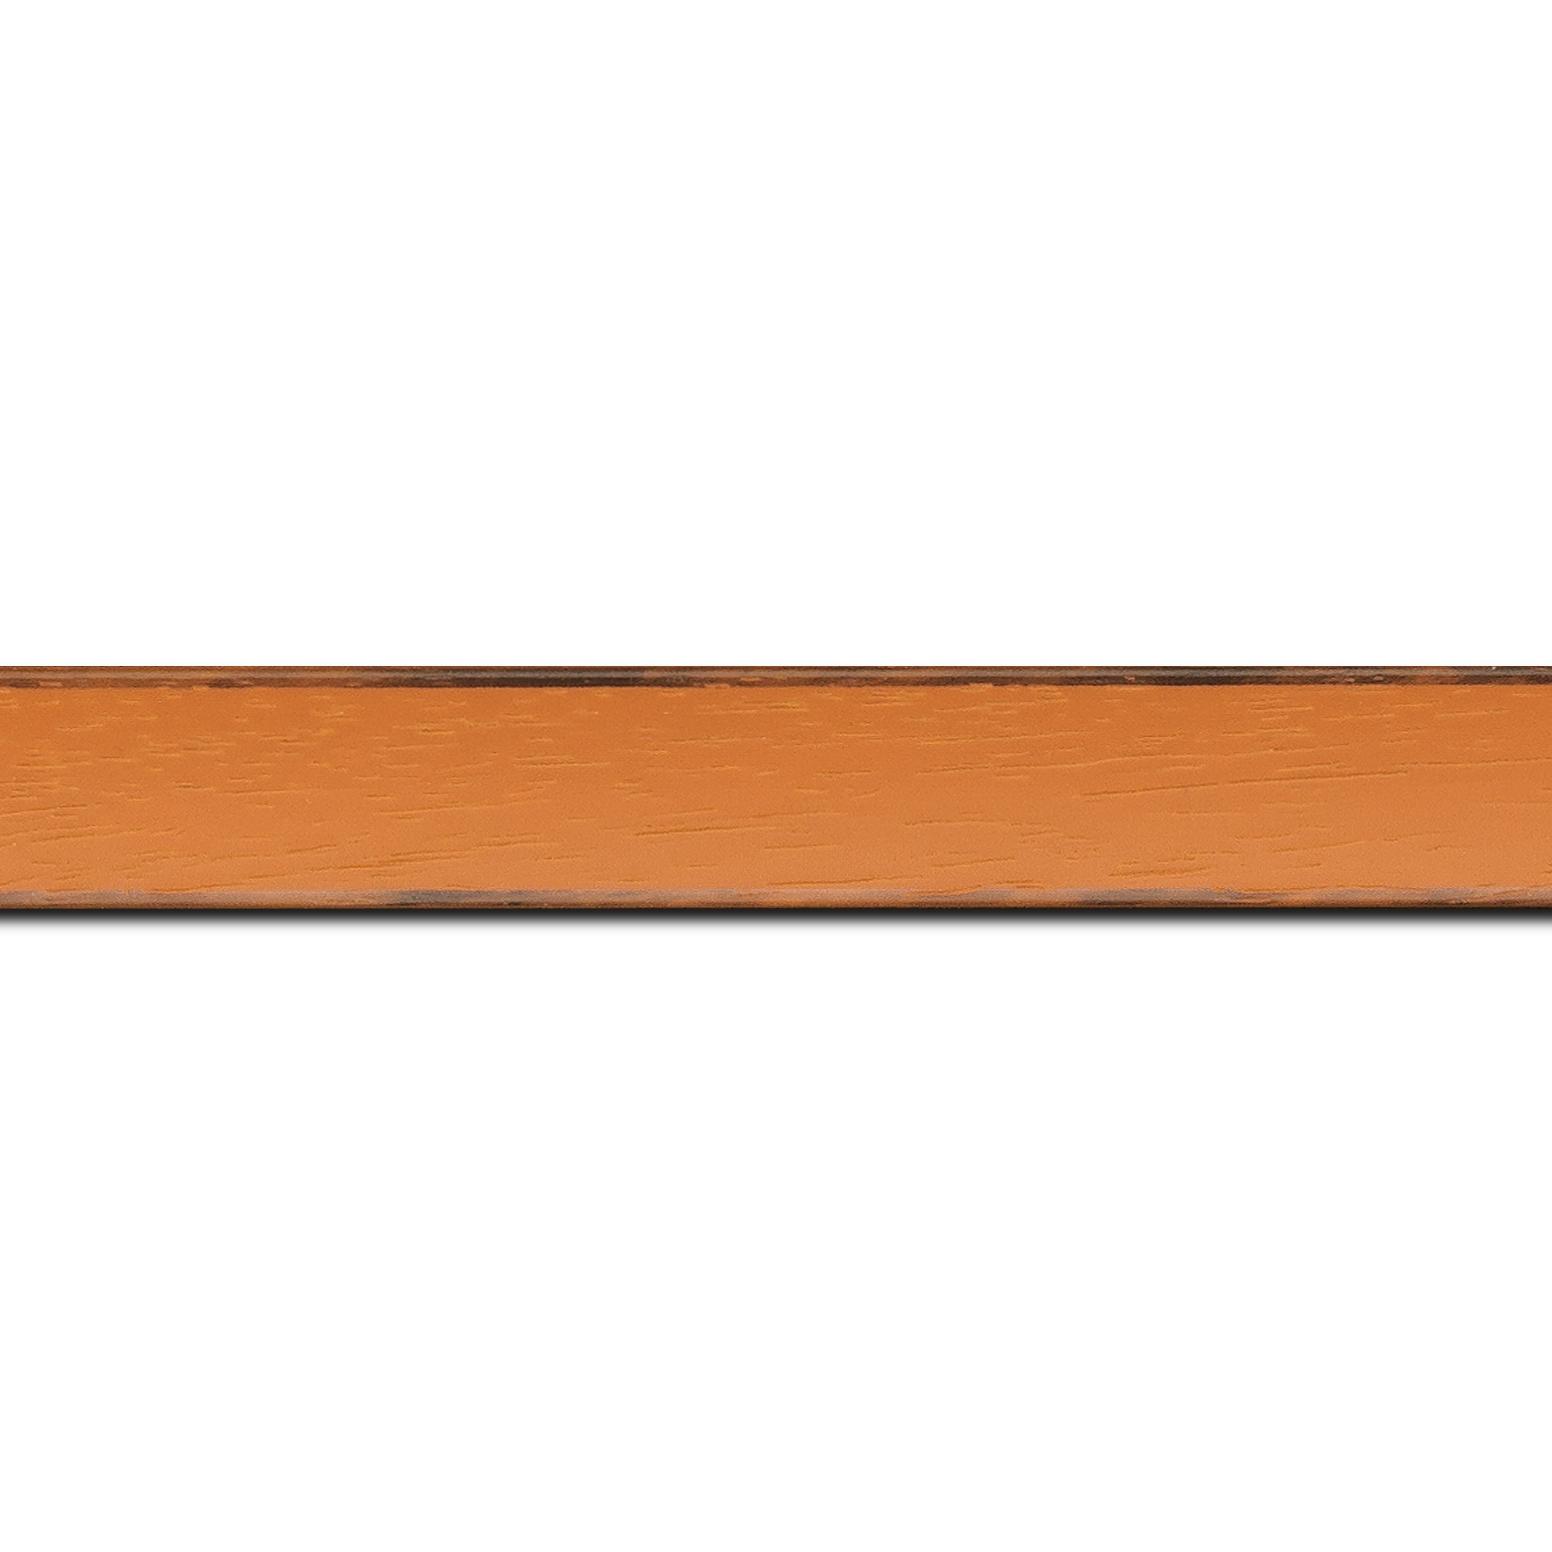 Baguette longueur 1.40m bois profil concave largeur 2.4cm couleur orange tonique satiné arêtes essuyés noircies de chaque coté